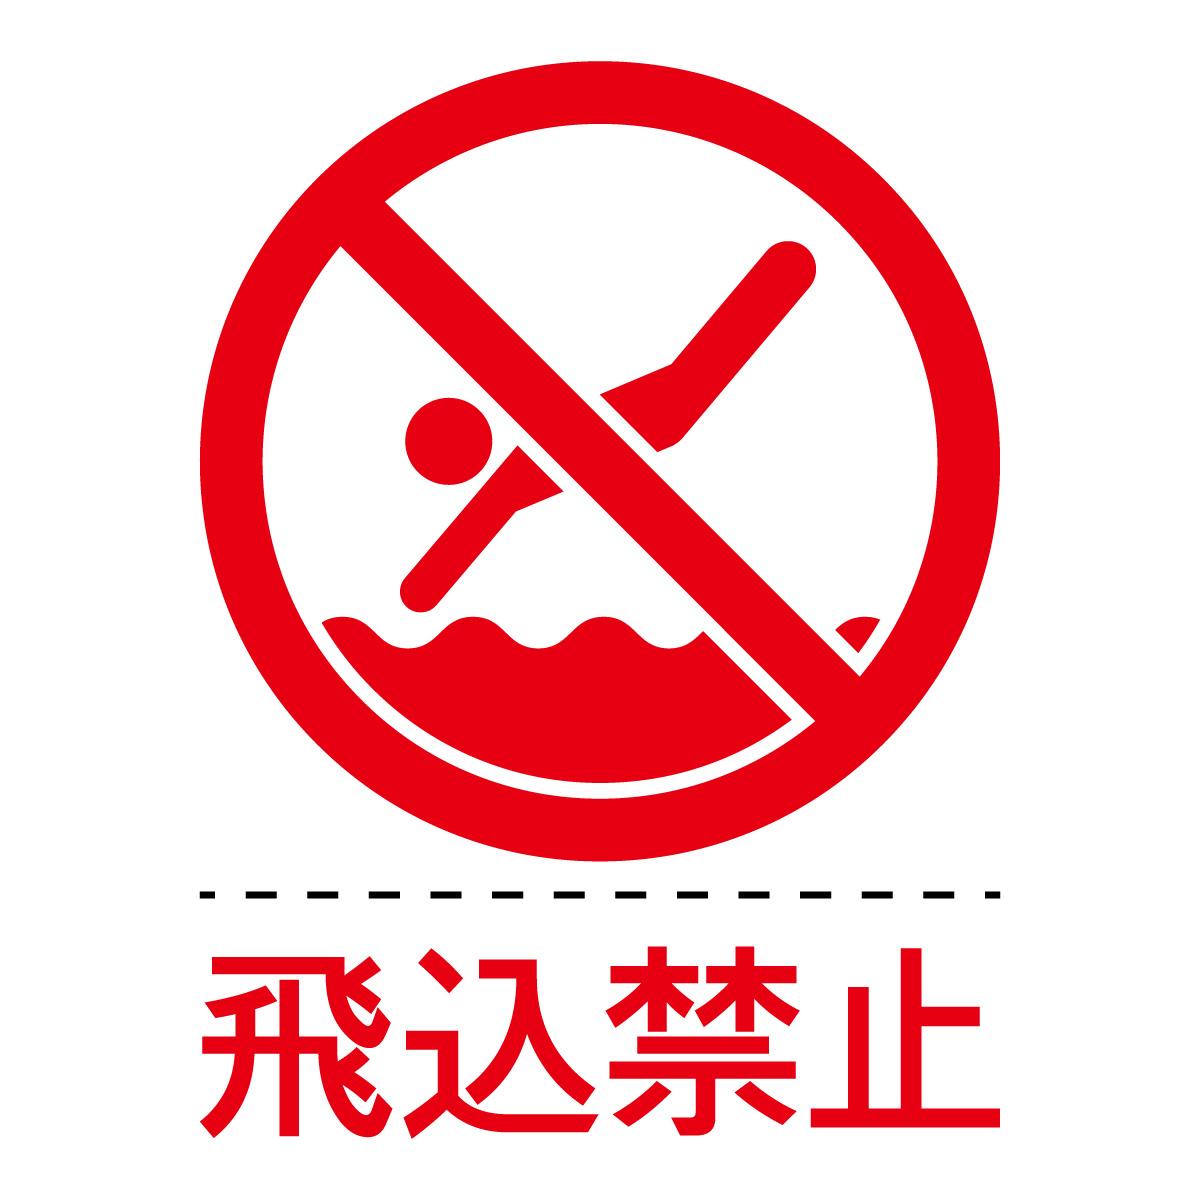 赤色の飛び込み禁止(飛込禁止の文字付き)マークのカッティングステッカー・シール 光沢タイプ・防水・耐水・屋外耐候3~4年